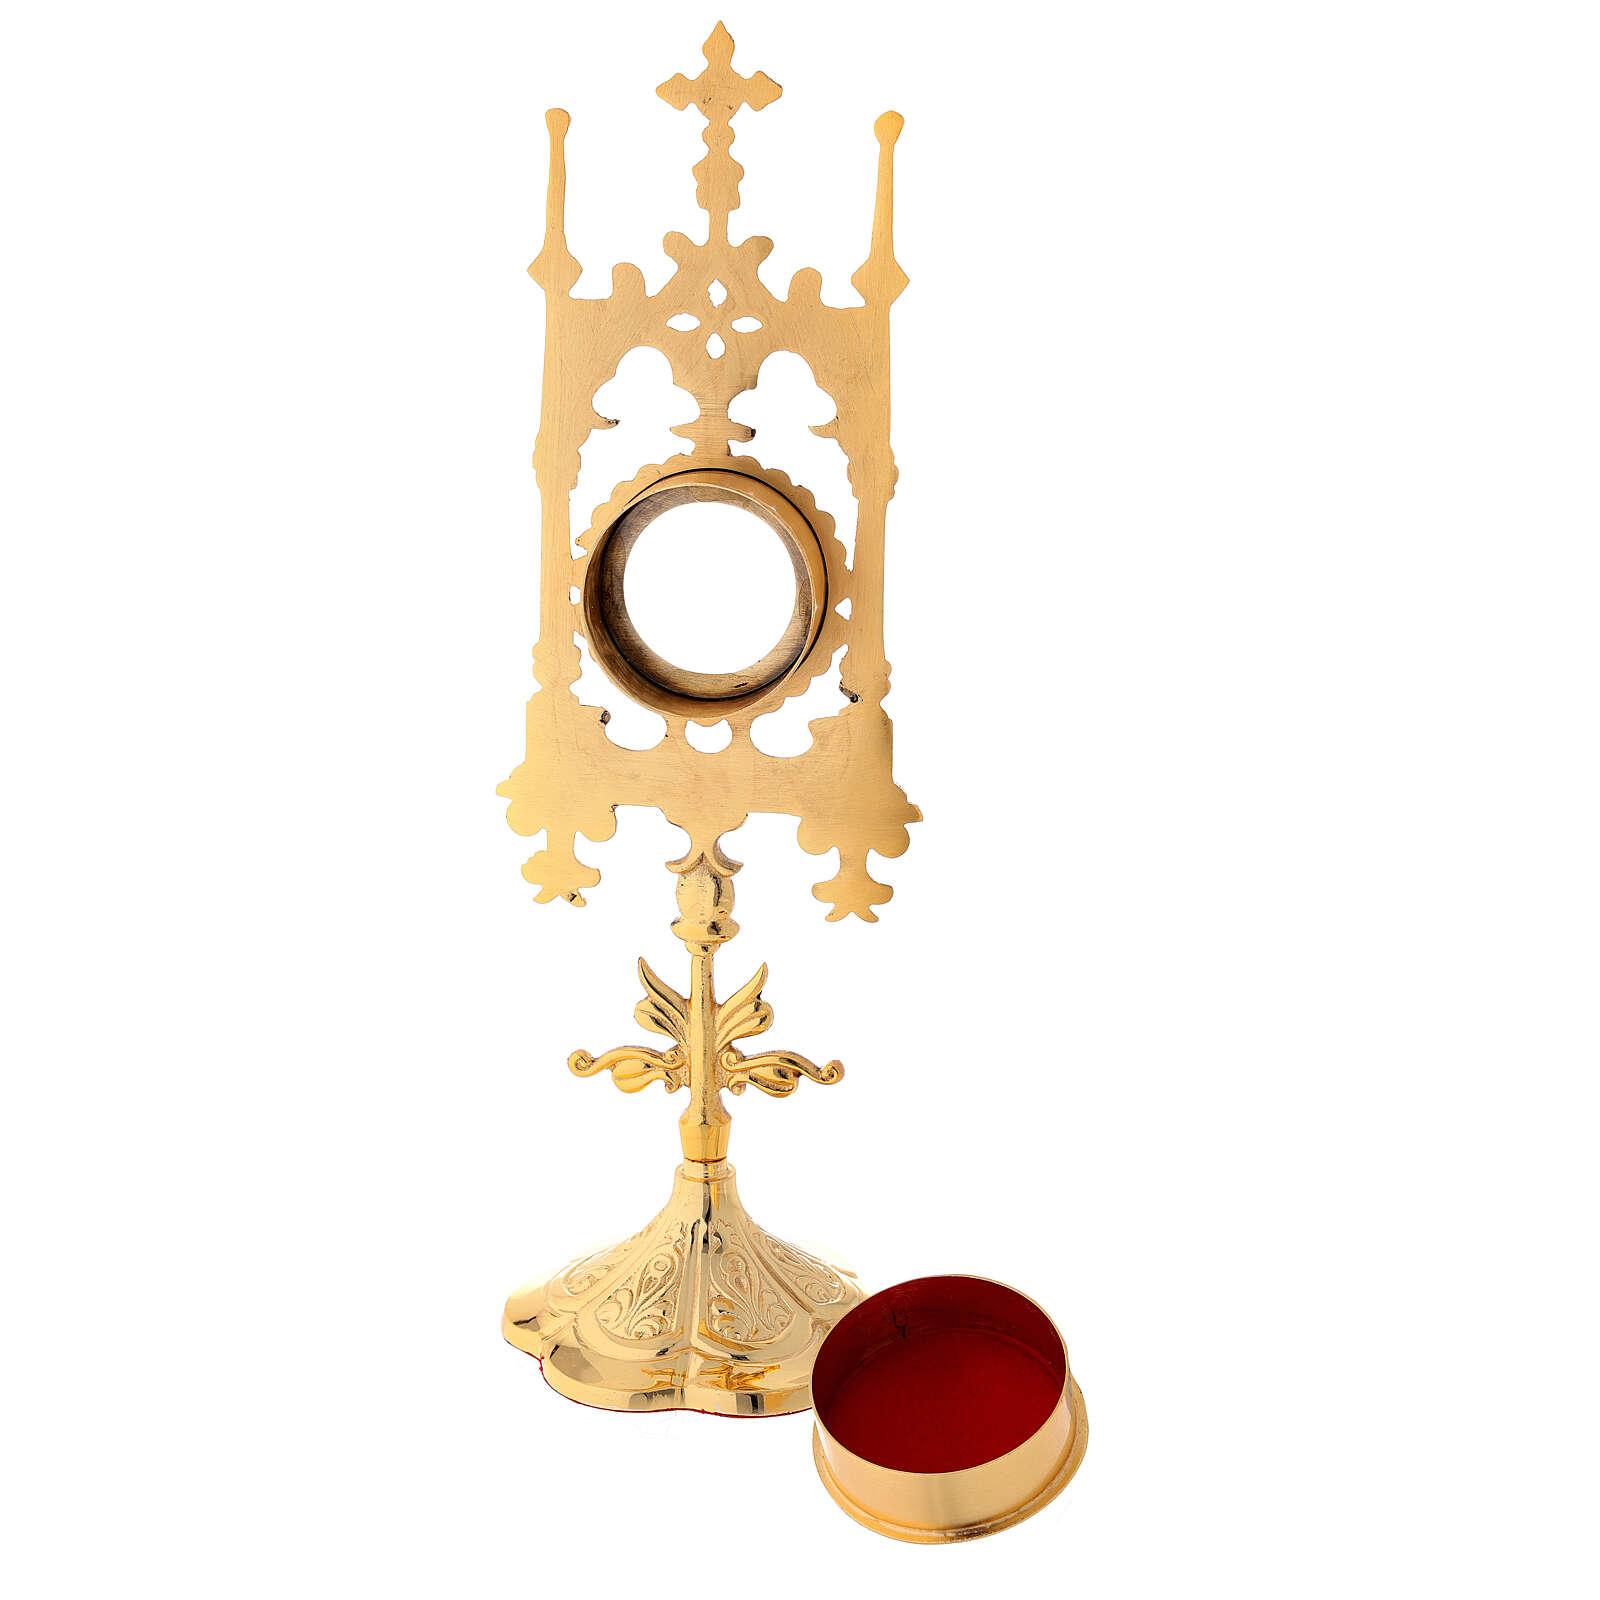 Reliquiario in ottone dorato con pietre 31 cm 4